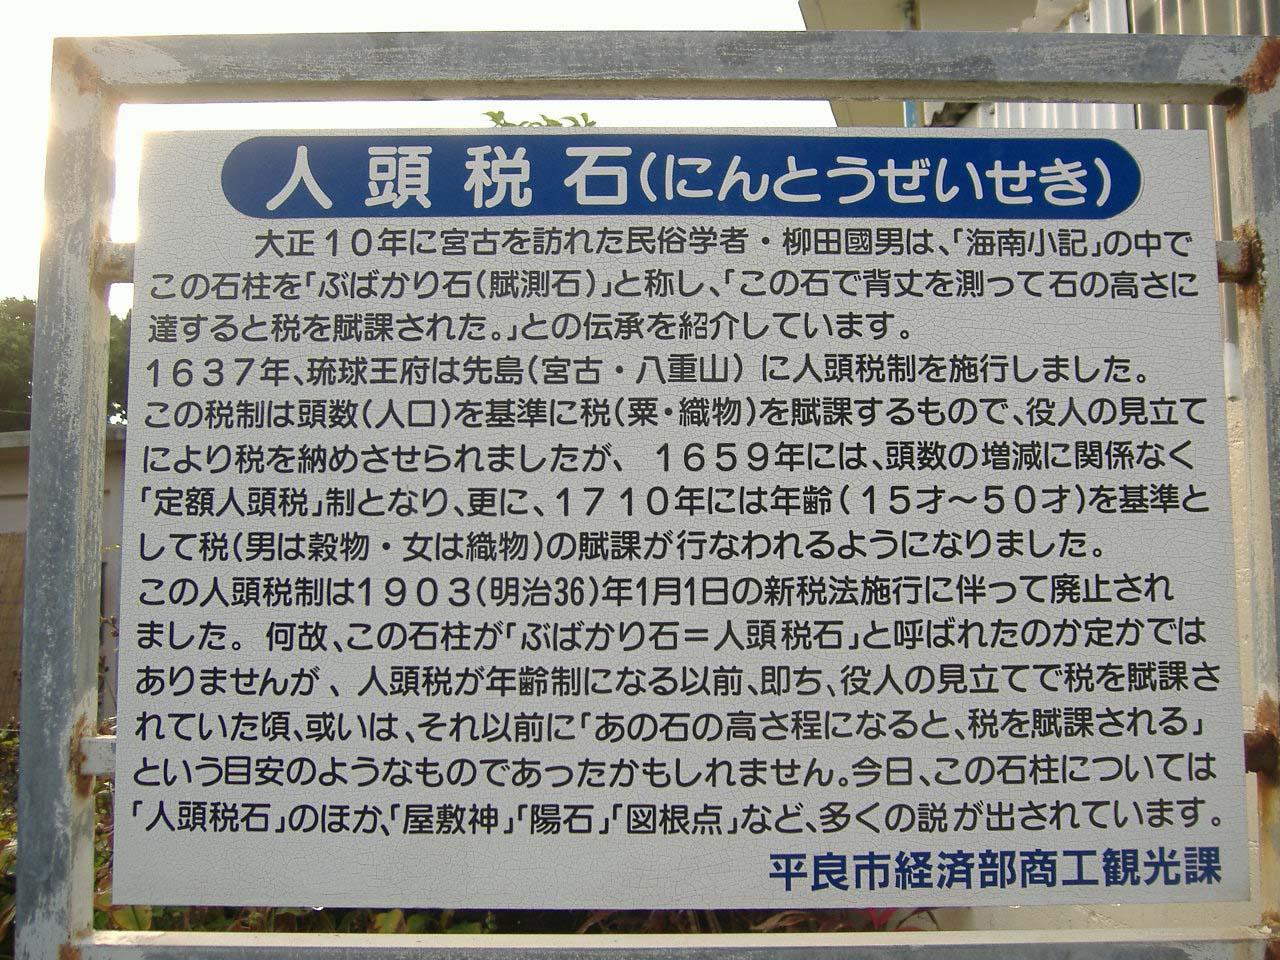 宮古島人頭税石1080406.JPG